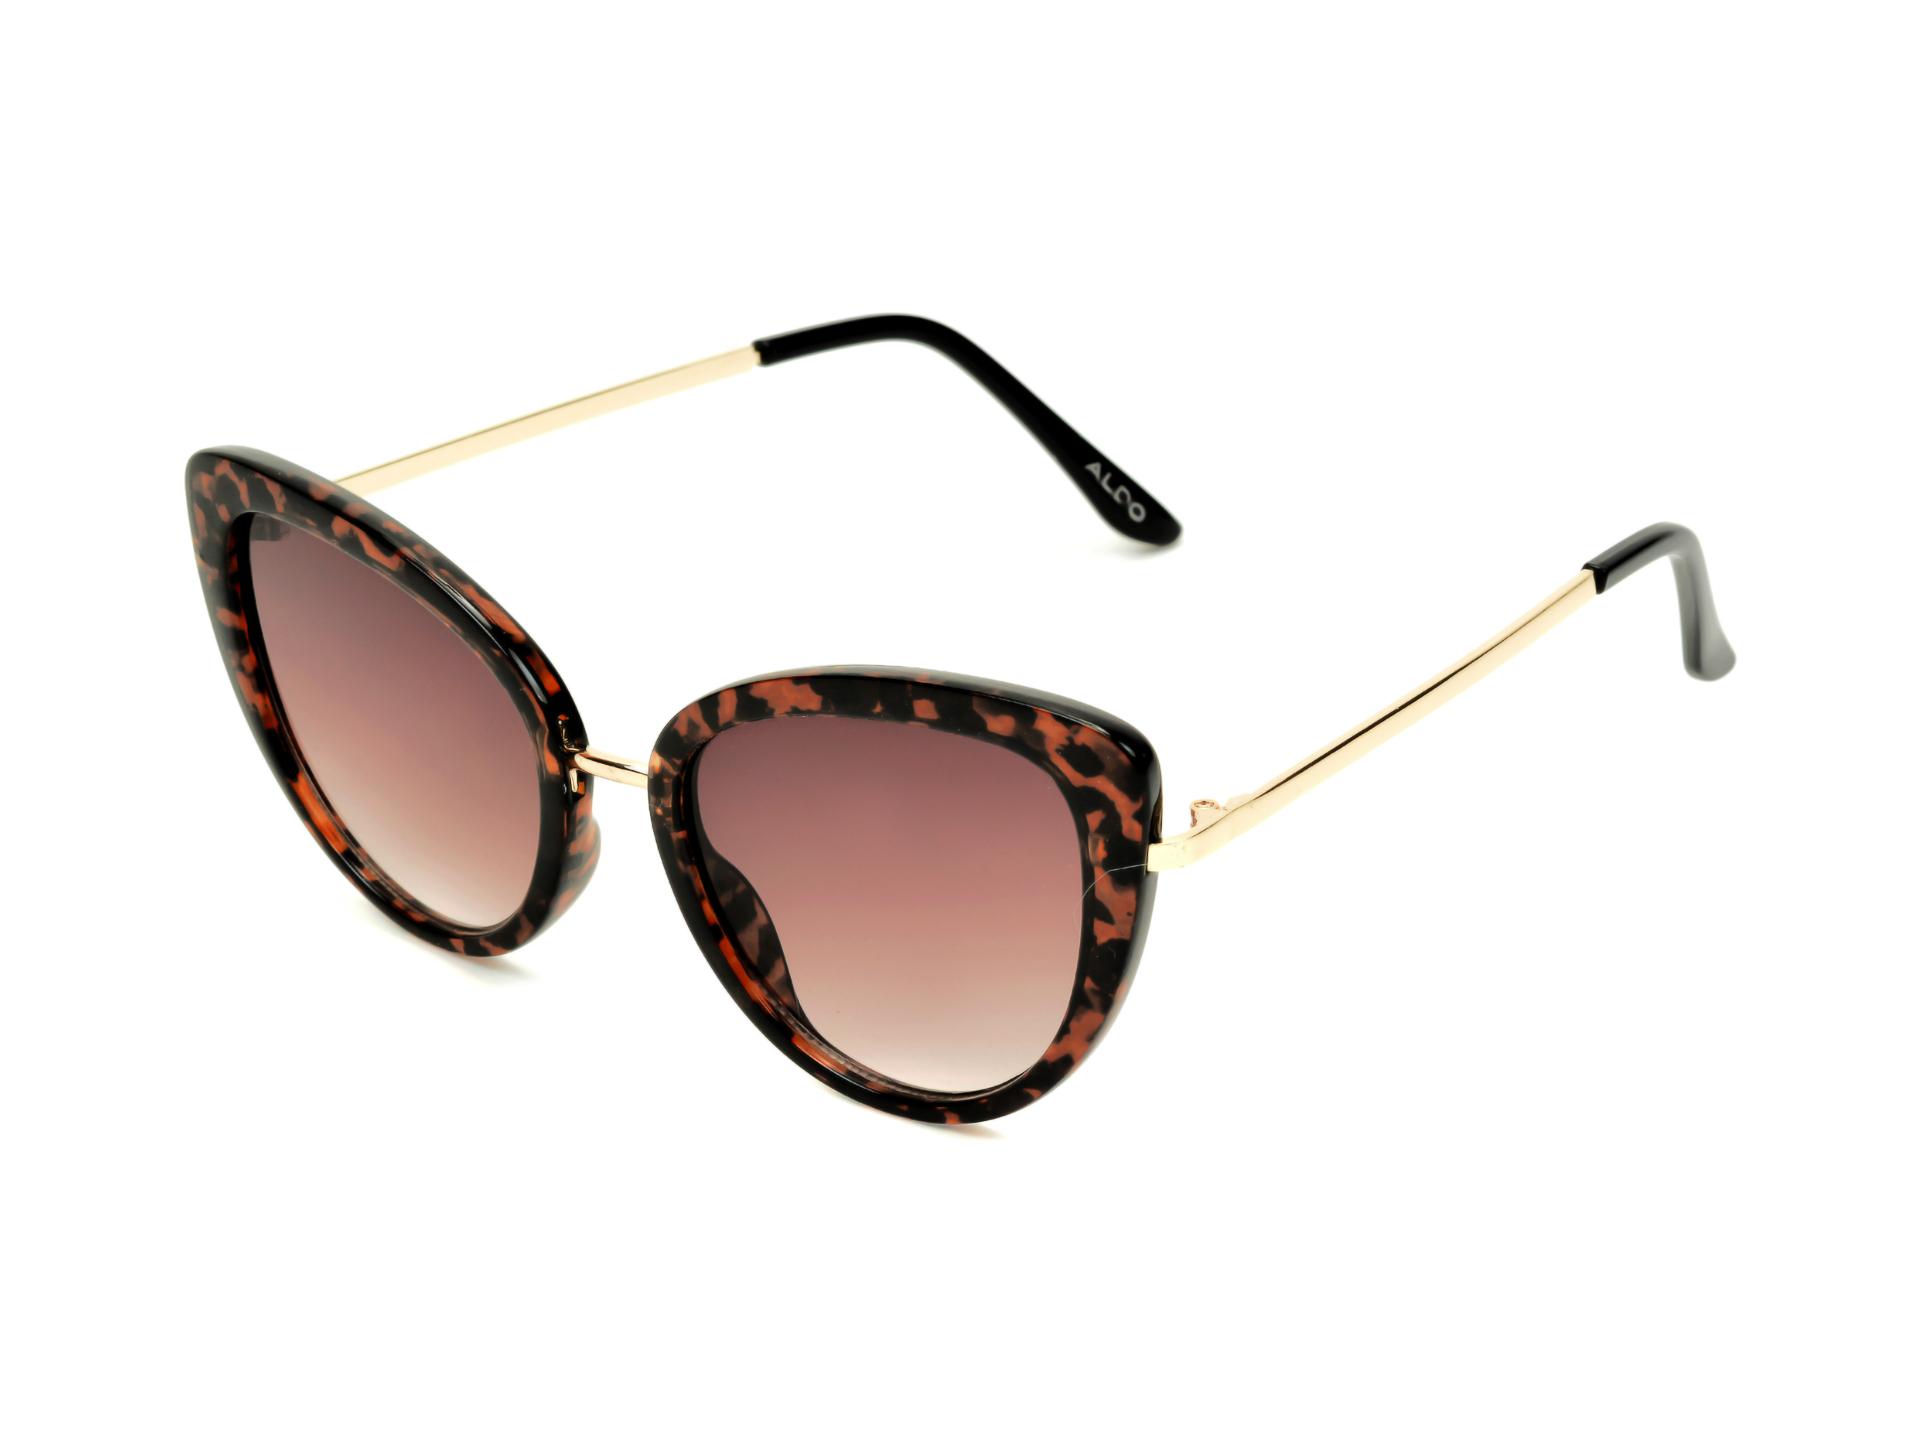 Ochelari de soare ALDO maro, Brylska240, din PVC imagine